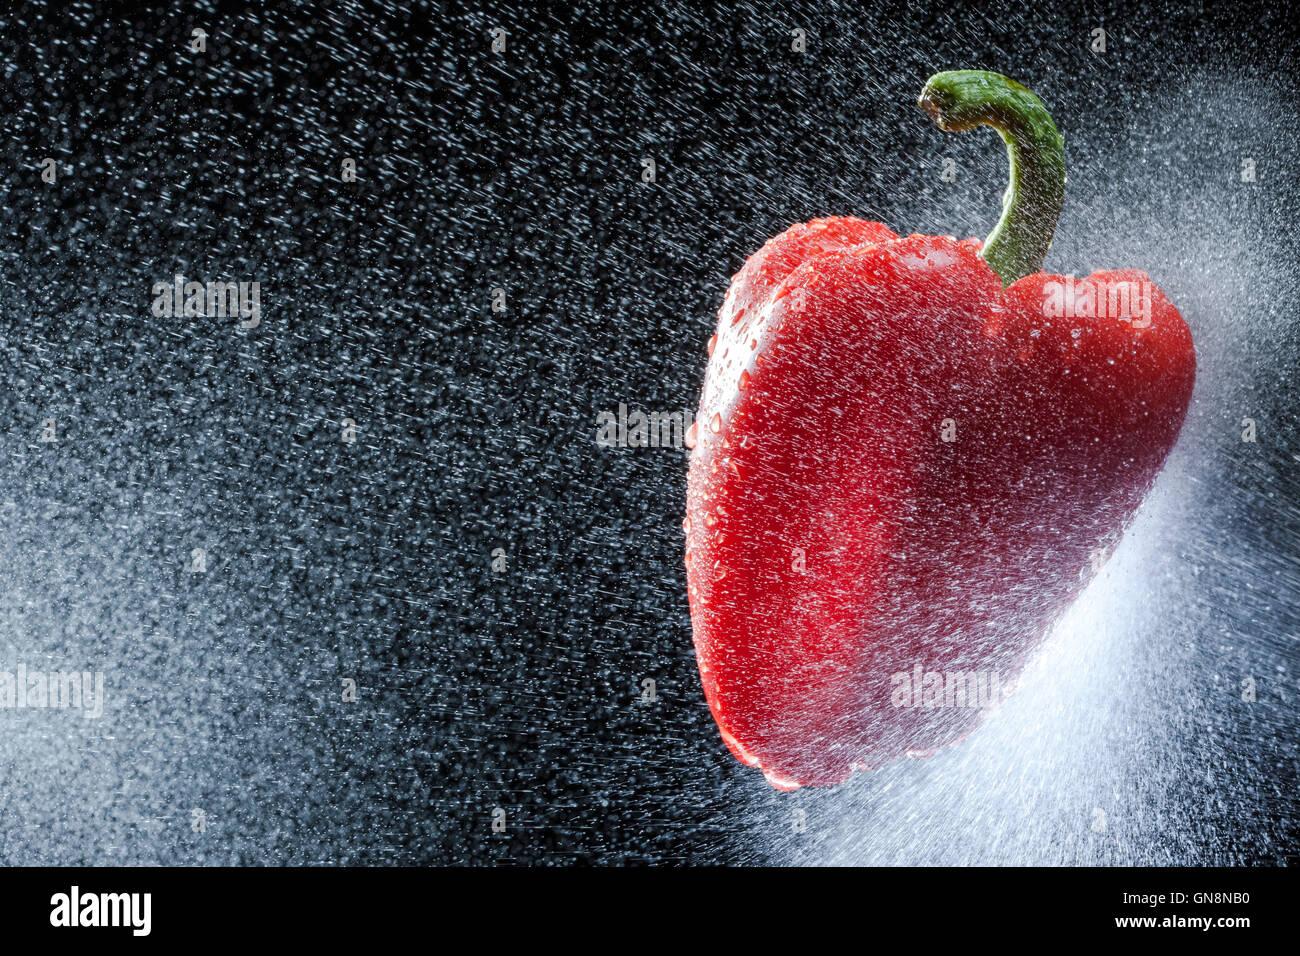 Rote Paprika in einem Spray gegen einen schwarzen Hintergrund. Eine Reihe von Obst und Gemüse in Bewegung. Stockbild